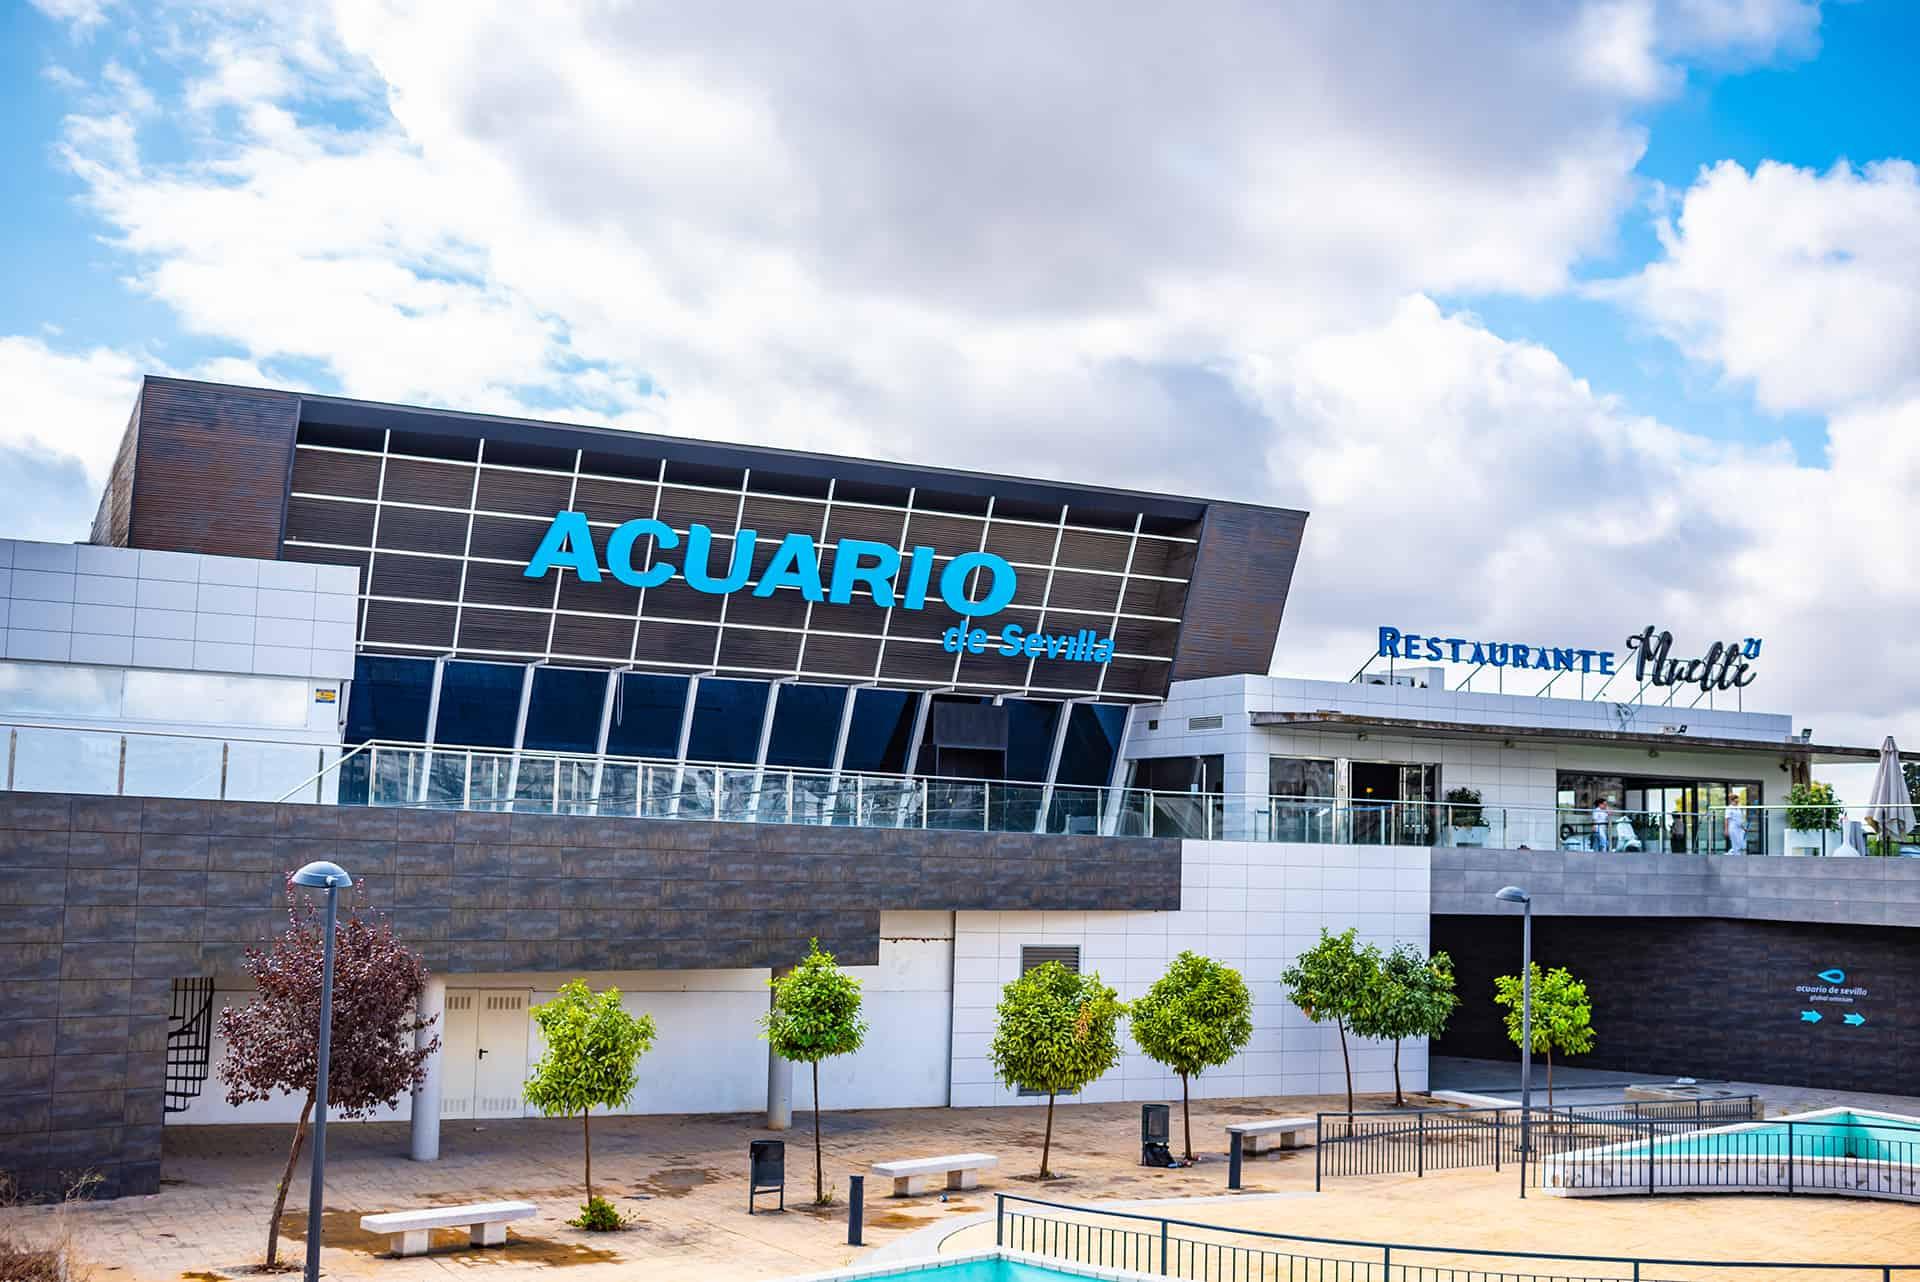 aquarium de seville